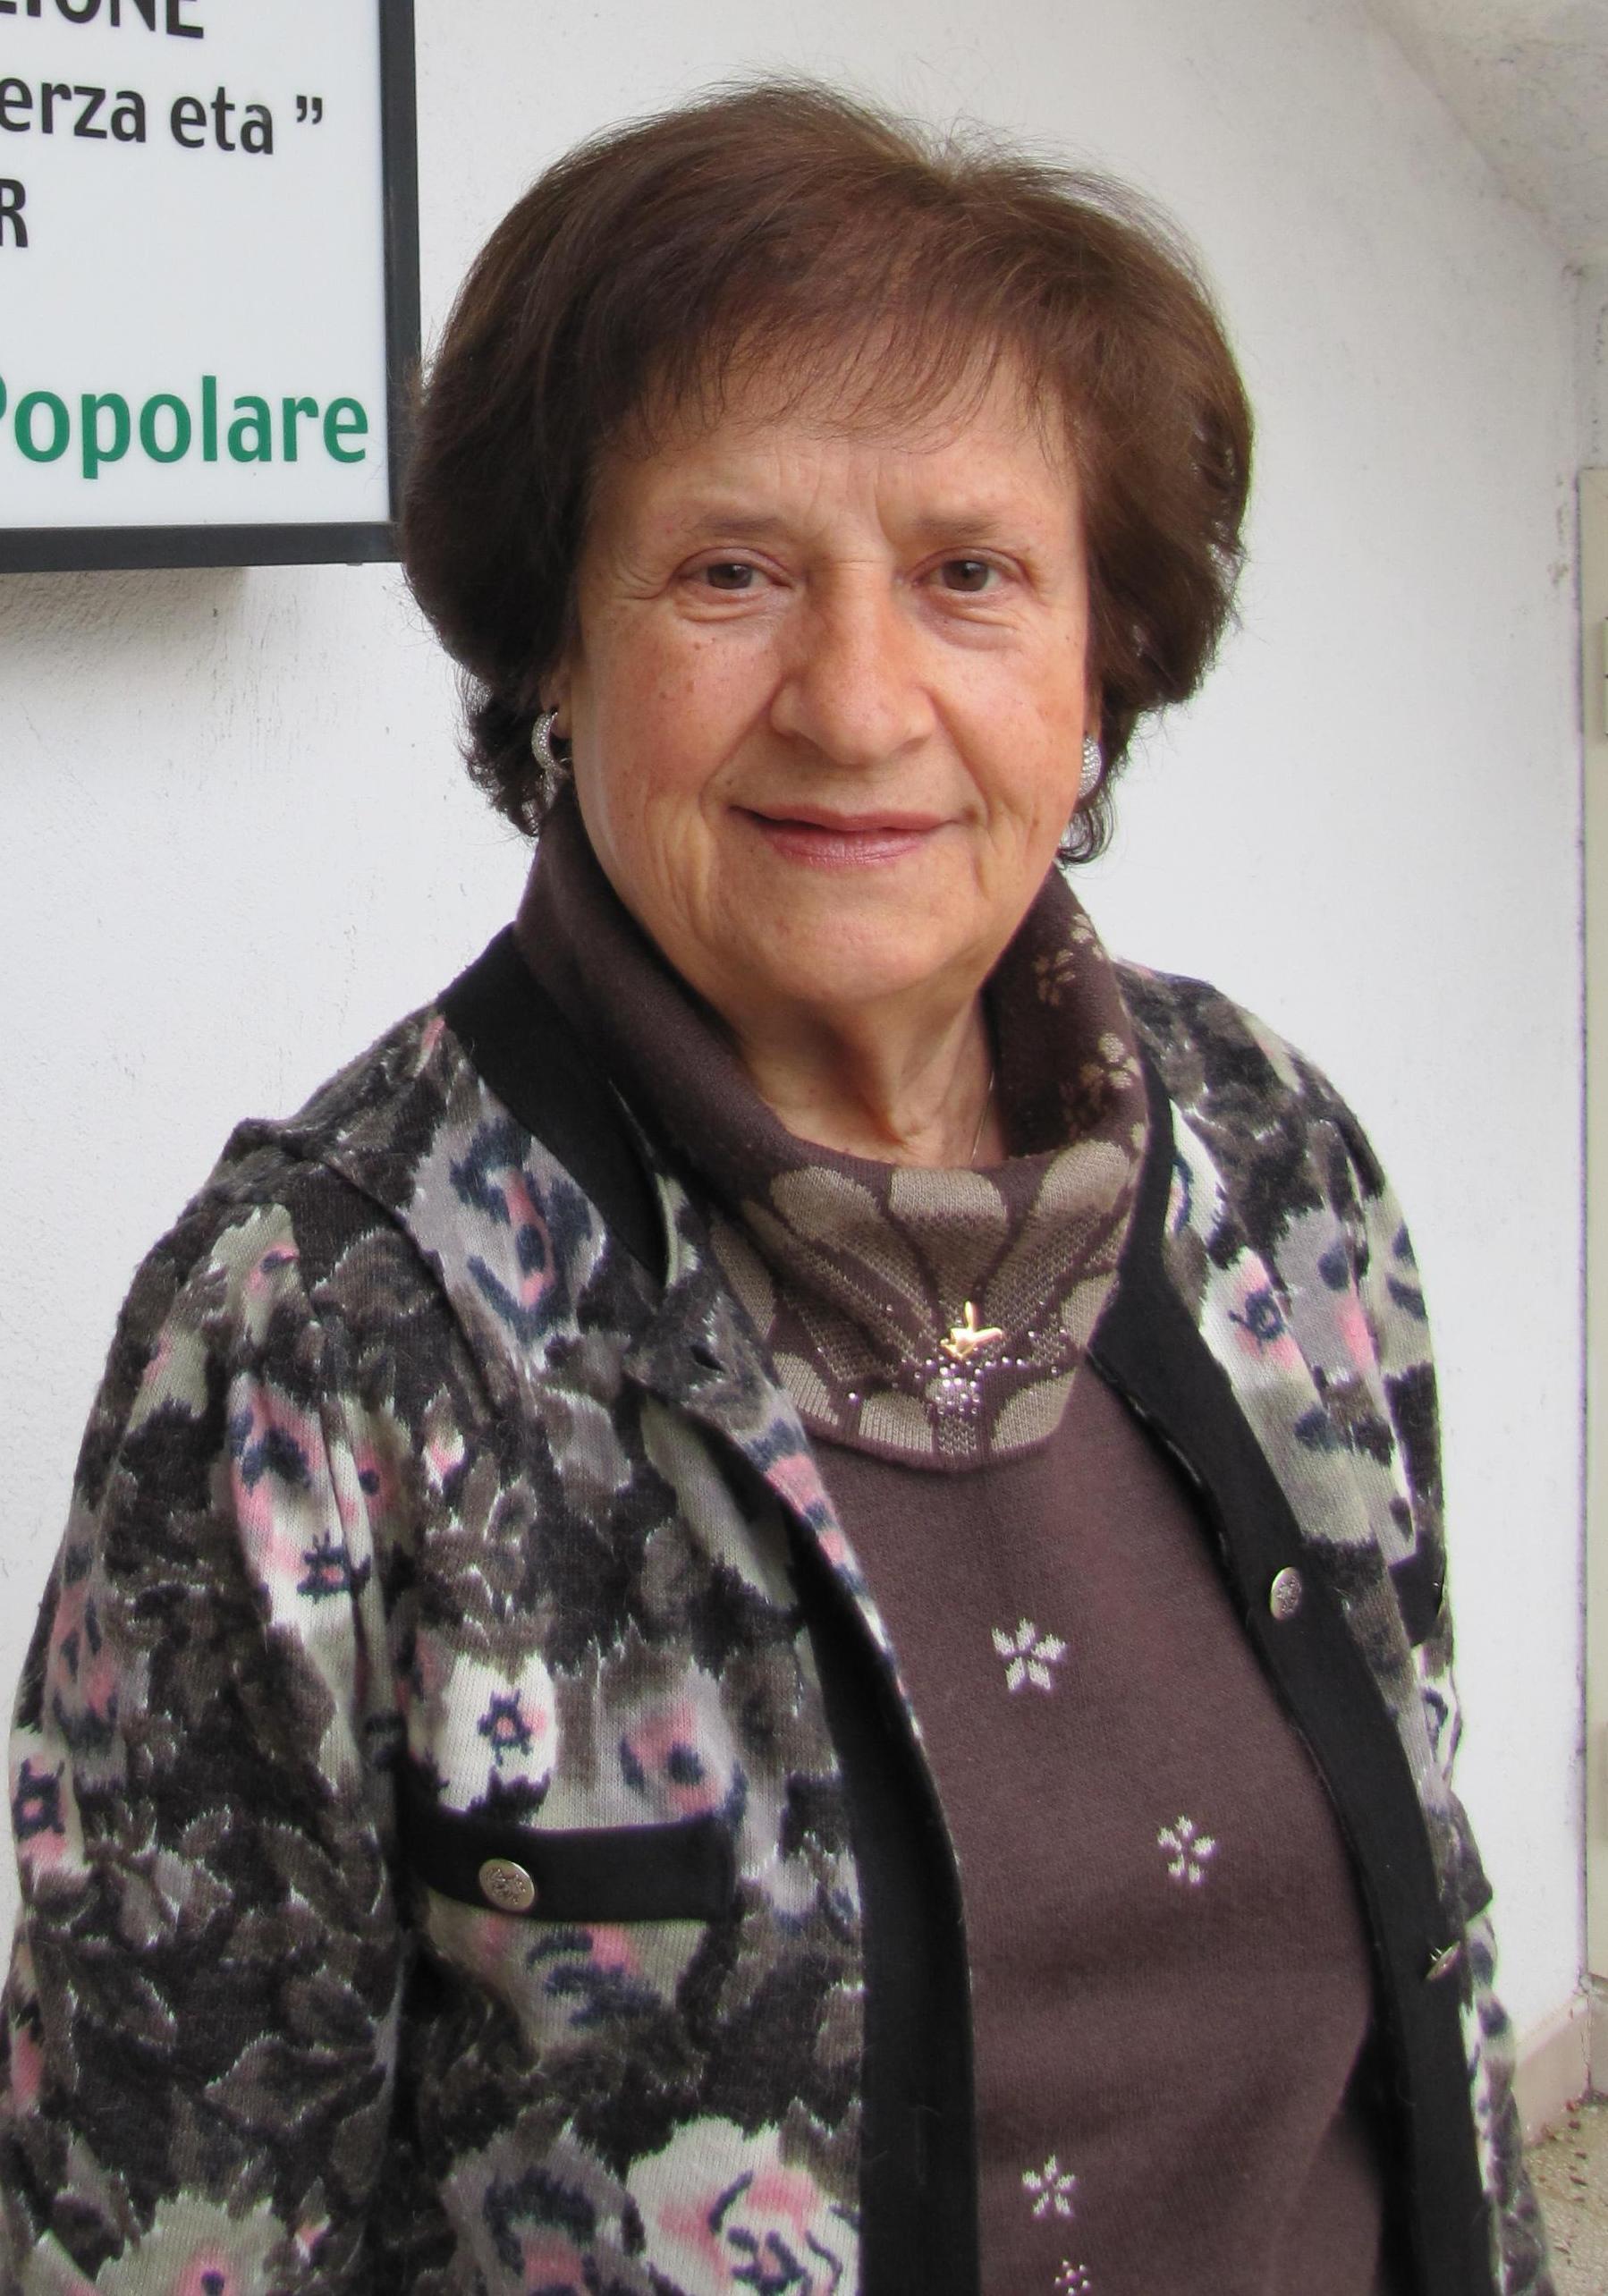 Copia di Valenti Giovanna Auser Ribera